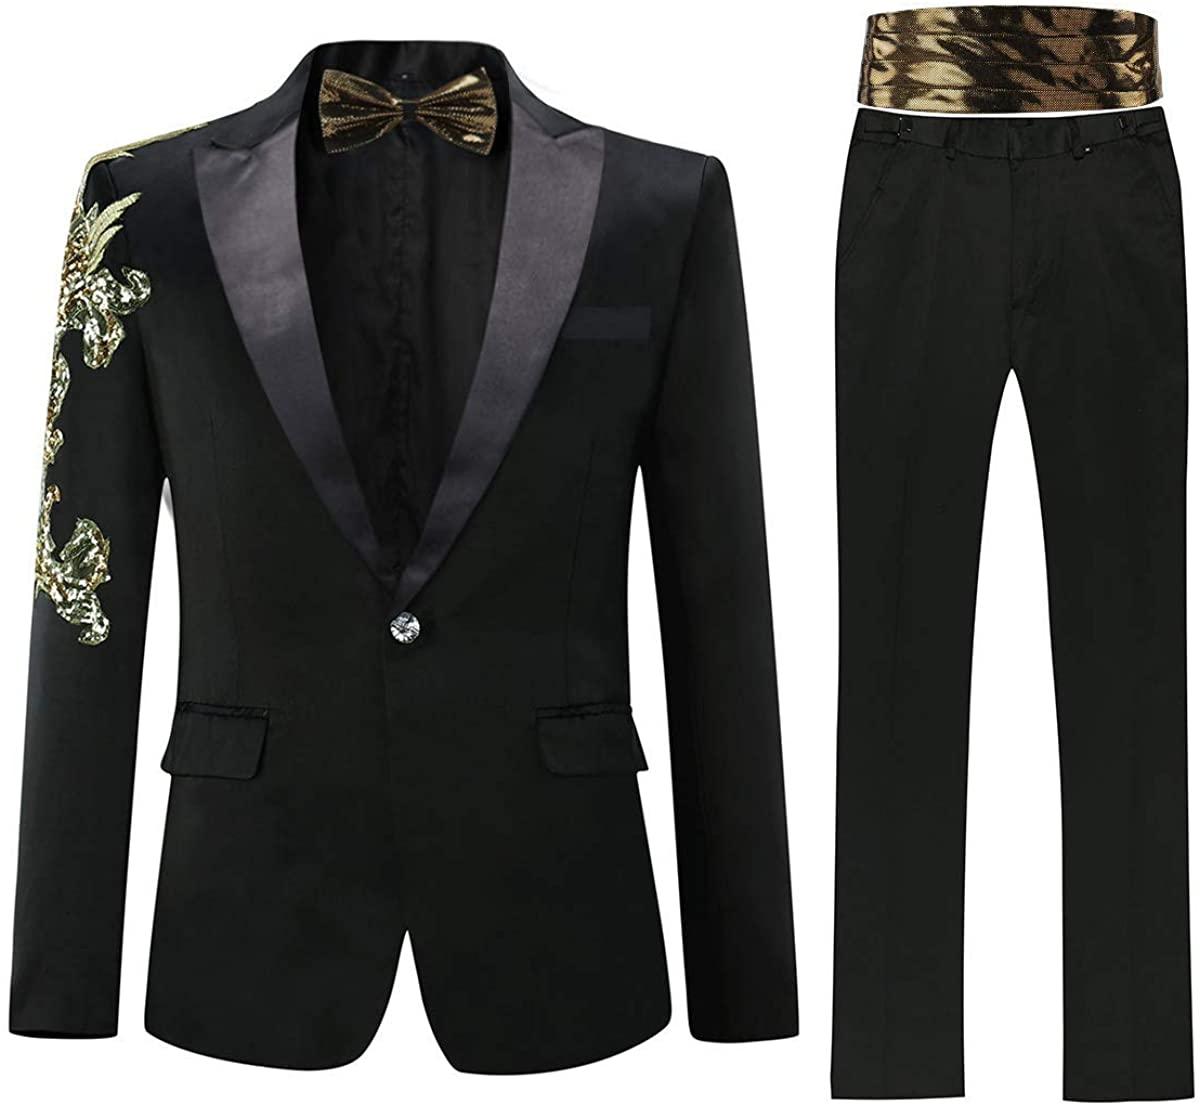 Mens 2 Piece Floral Dress Suit Set One Button Feast Dinner Tuxedo Jacket & Pants